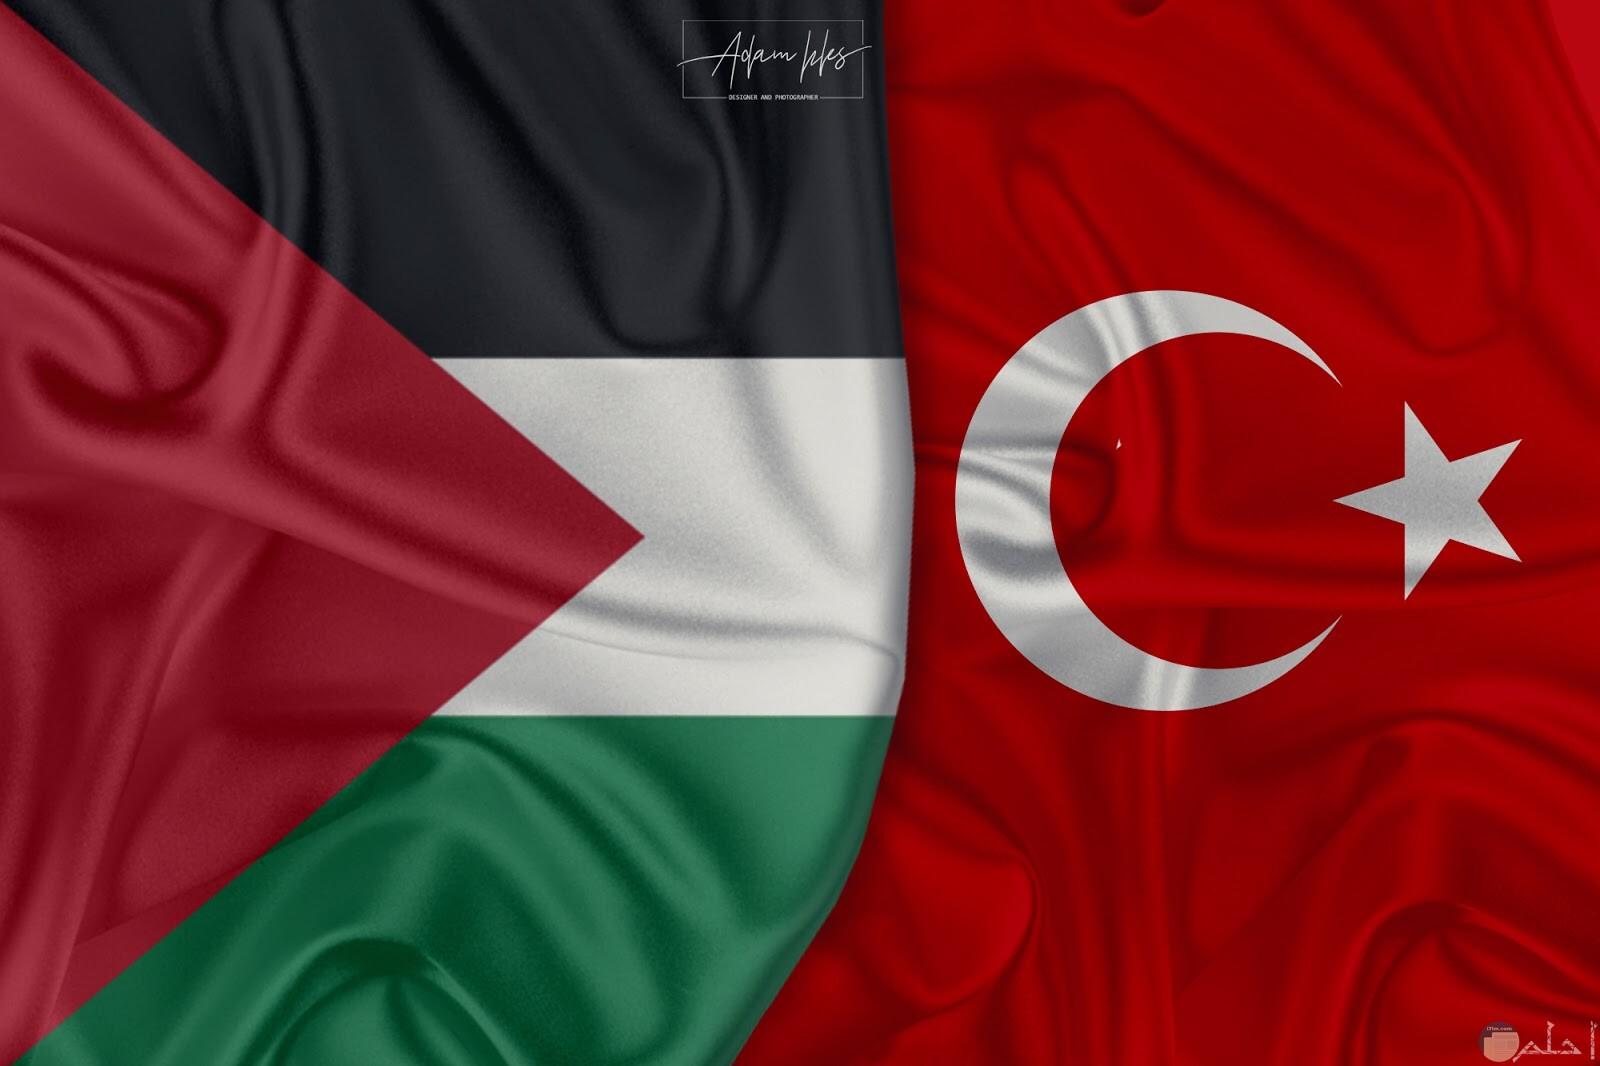 صورة مبهرة لعلم فلسطين